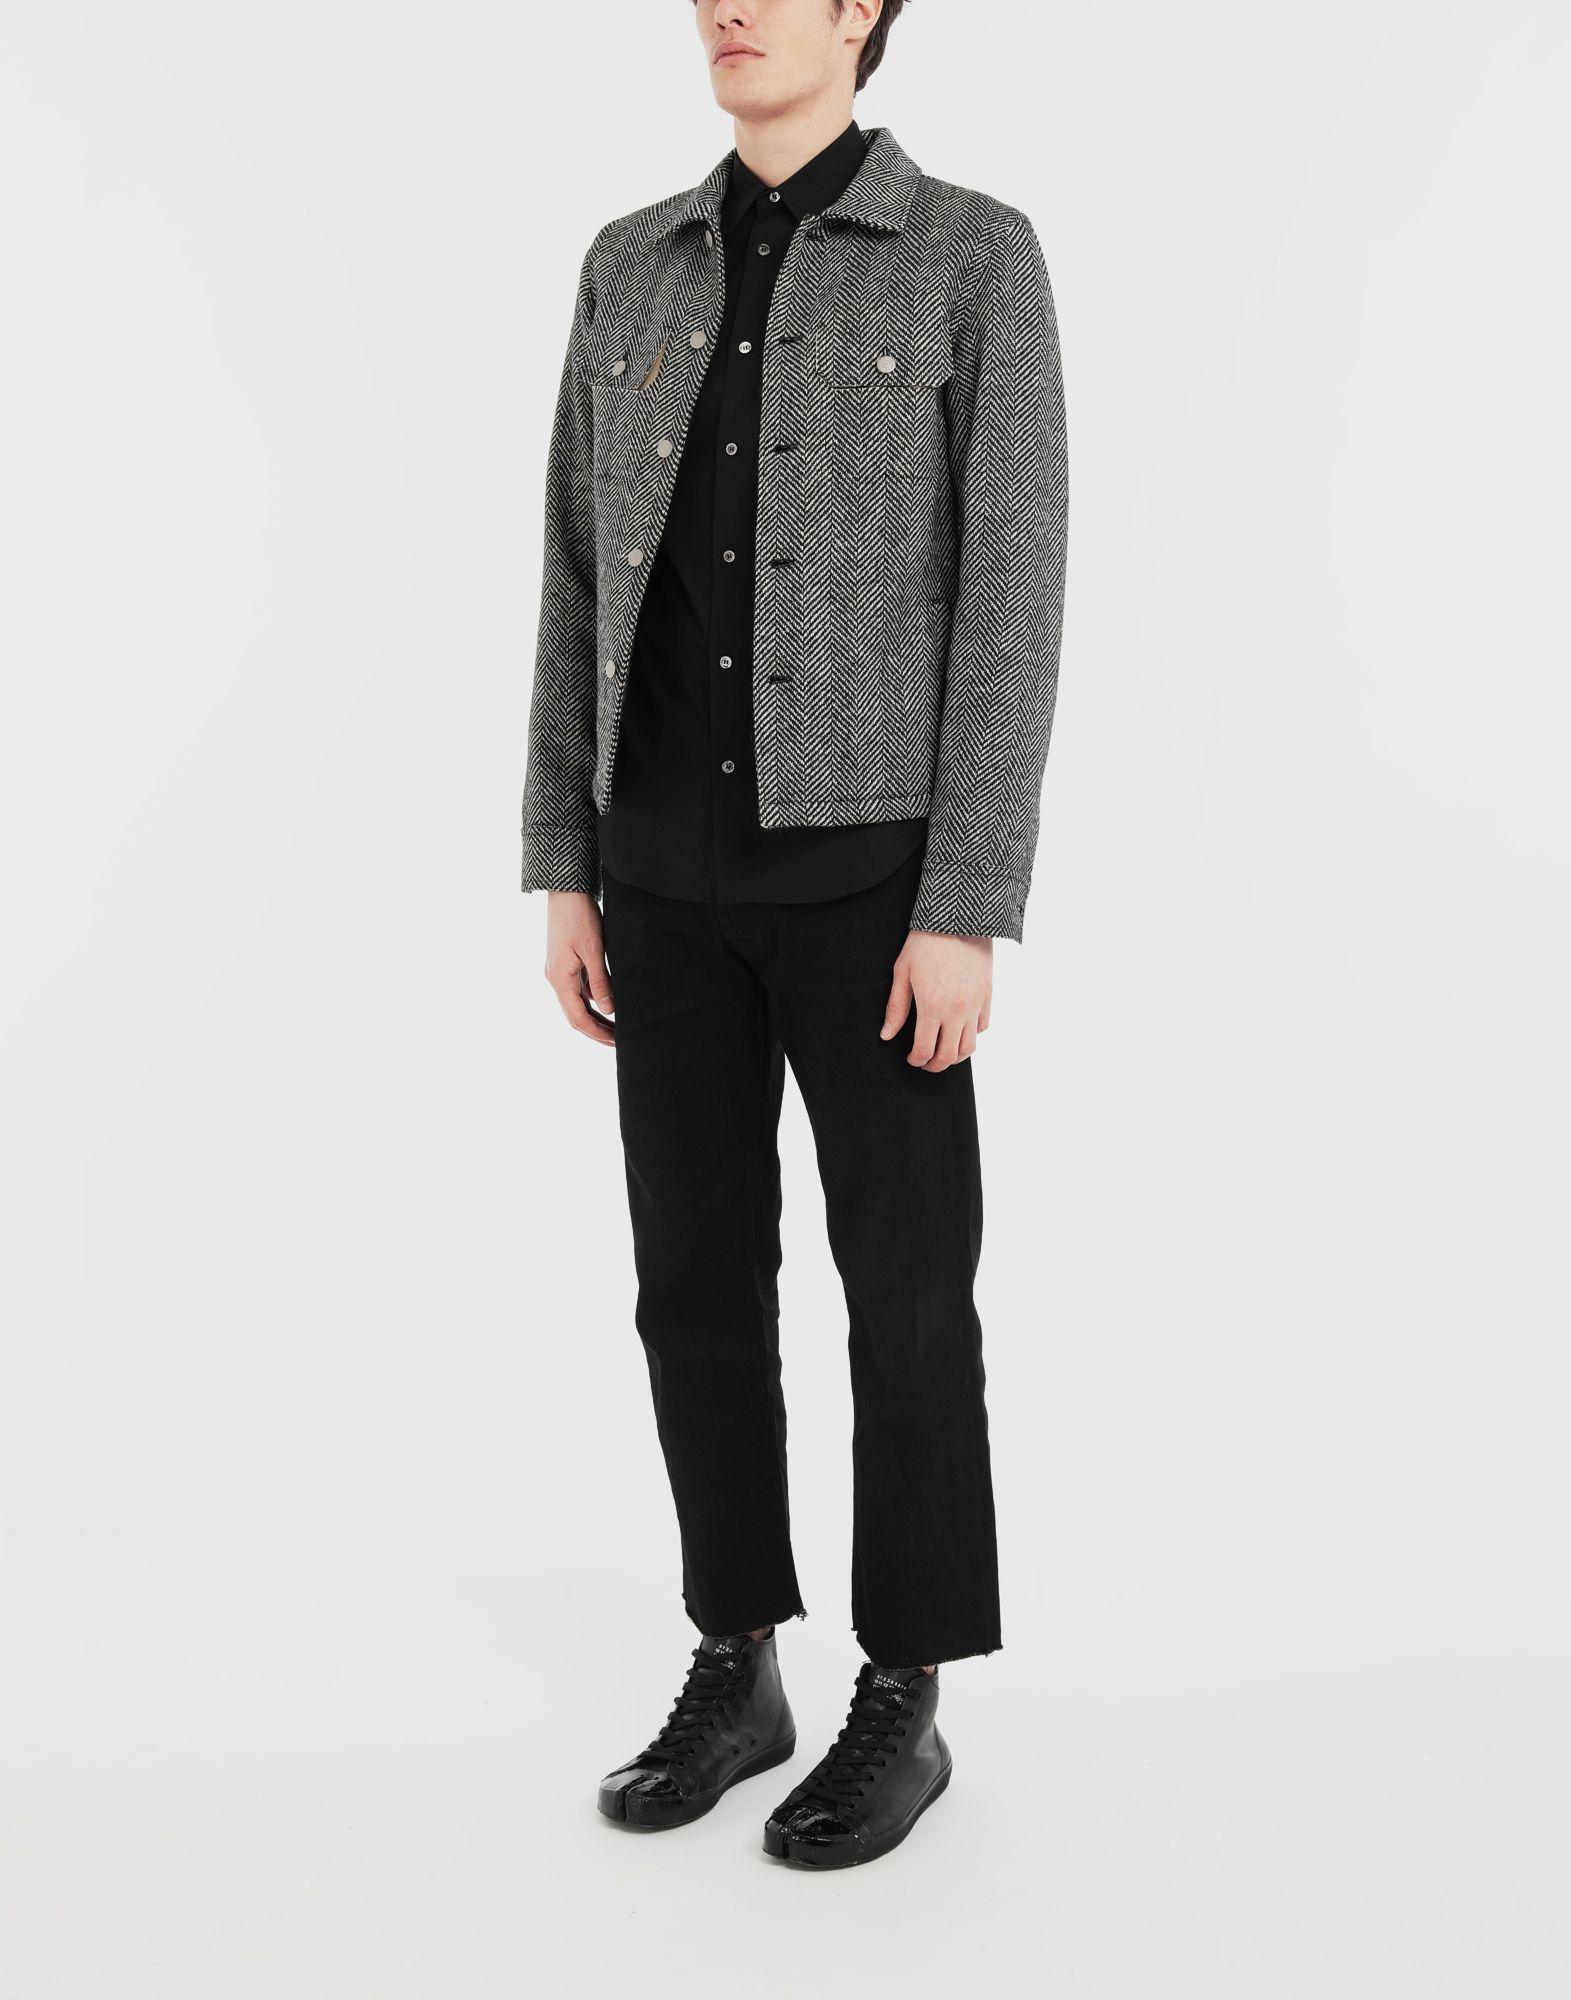 MAISON MARGIELA Пиджак в ёлочку в технике Décortiqué Куртка Для Мужчин d